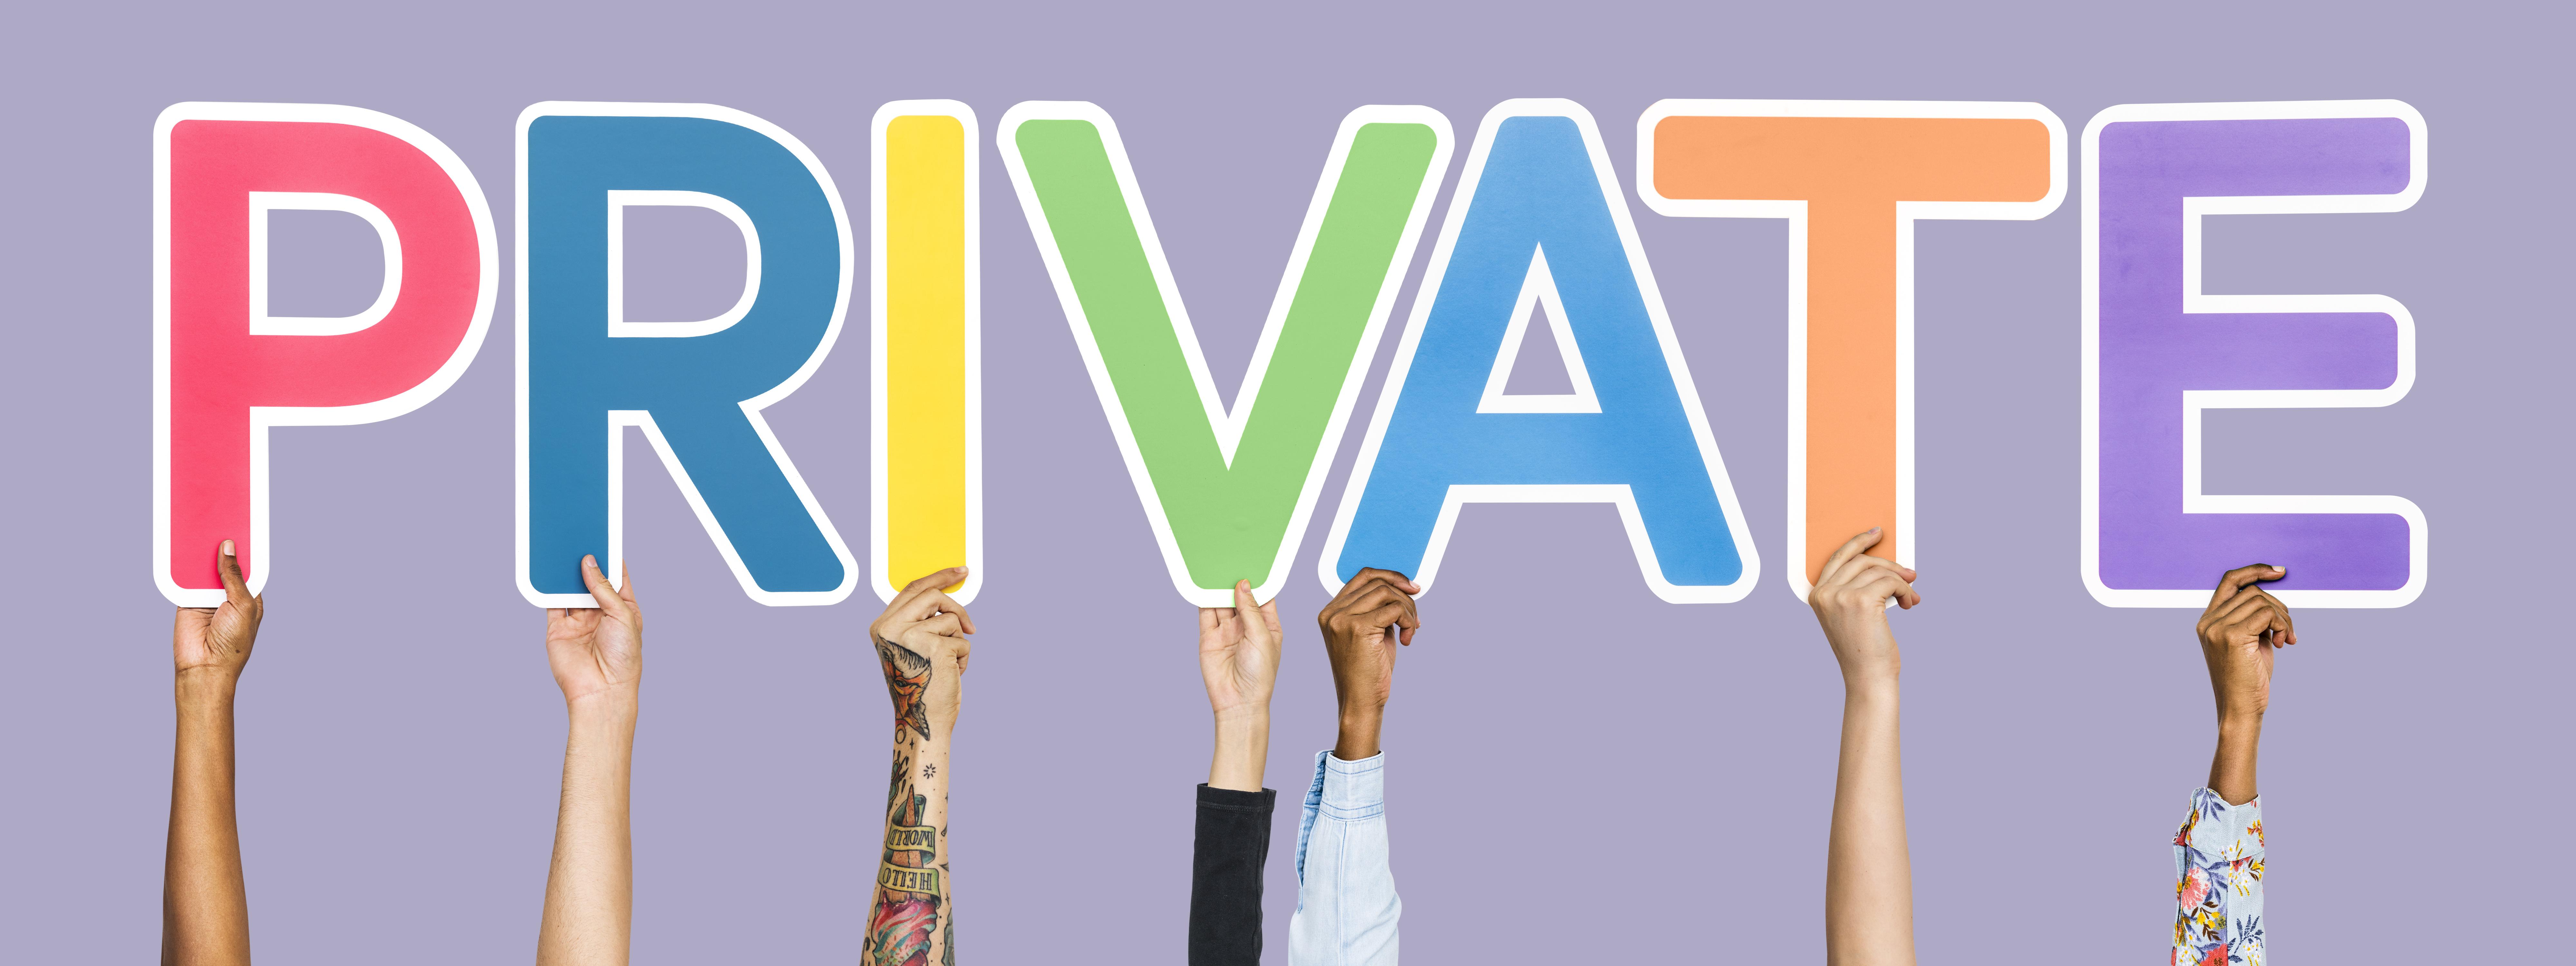 ¿Tu empresa cumple con el Reglamento General de Protección de Datos? Responde a estas 3 preguntas para averiguarlo - Diario de Emprendedores